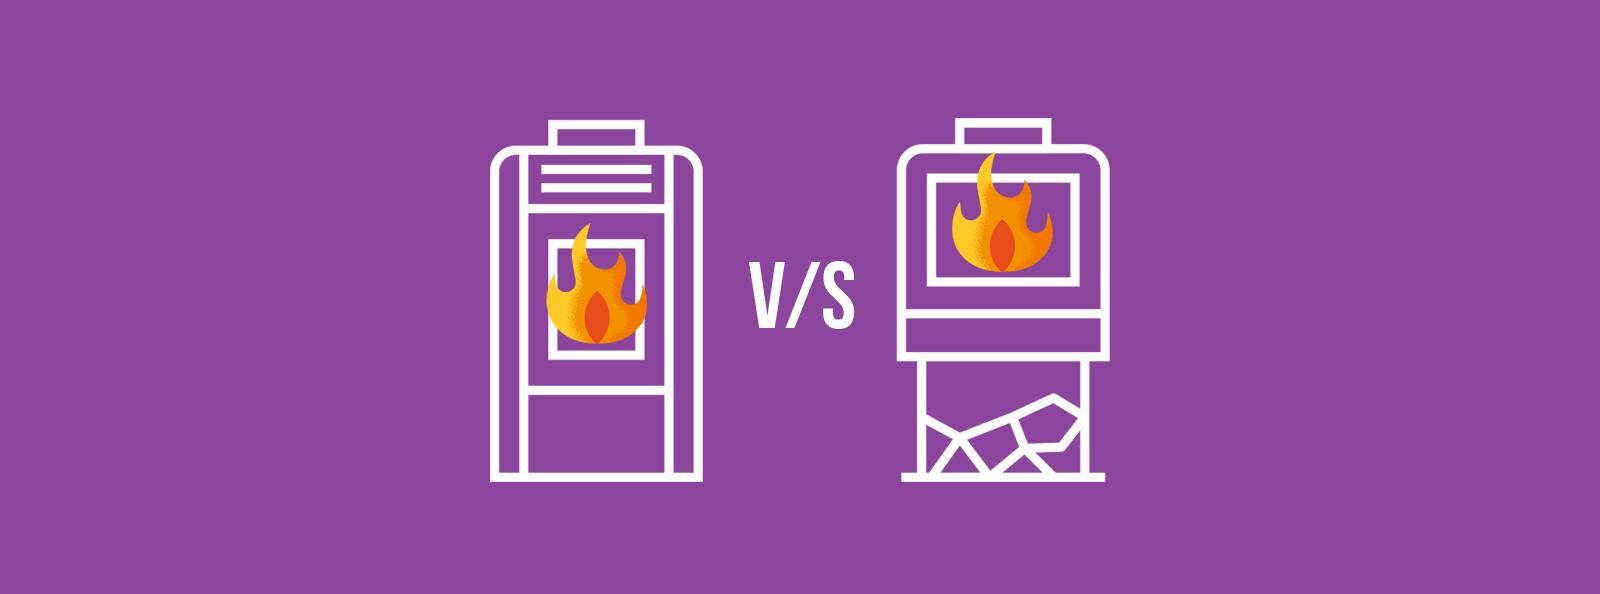 Investigación académica: Estufas a leña versus estufas a pellets,  pasado y presente del calor de hogar